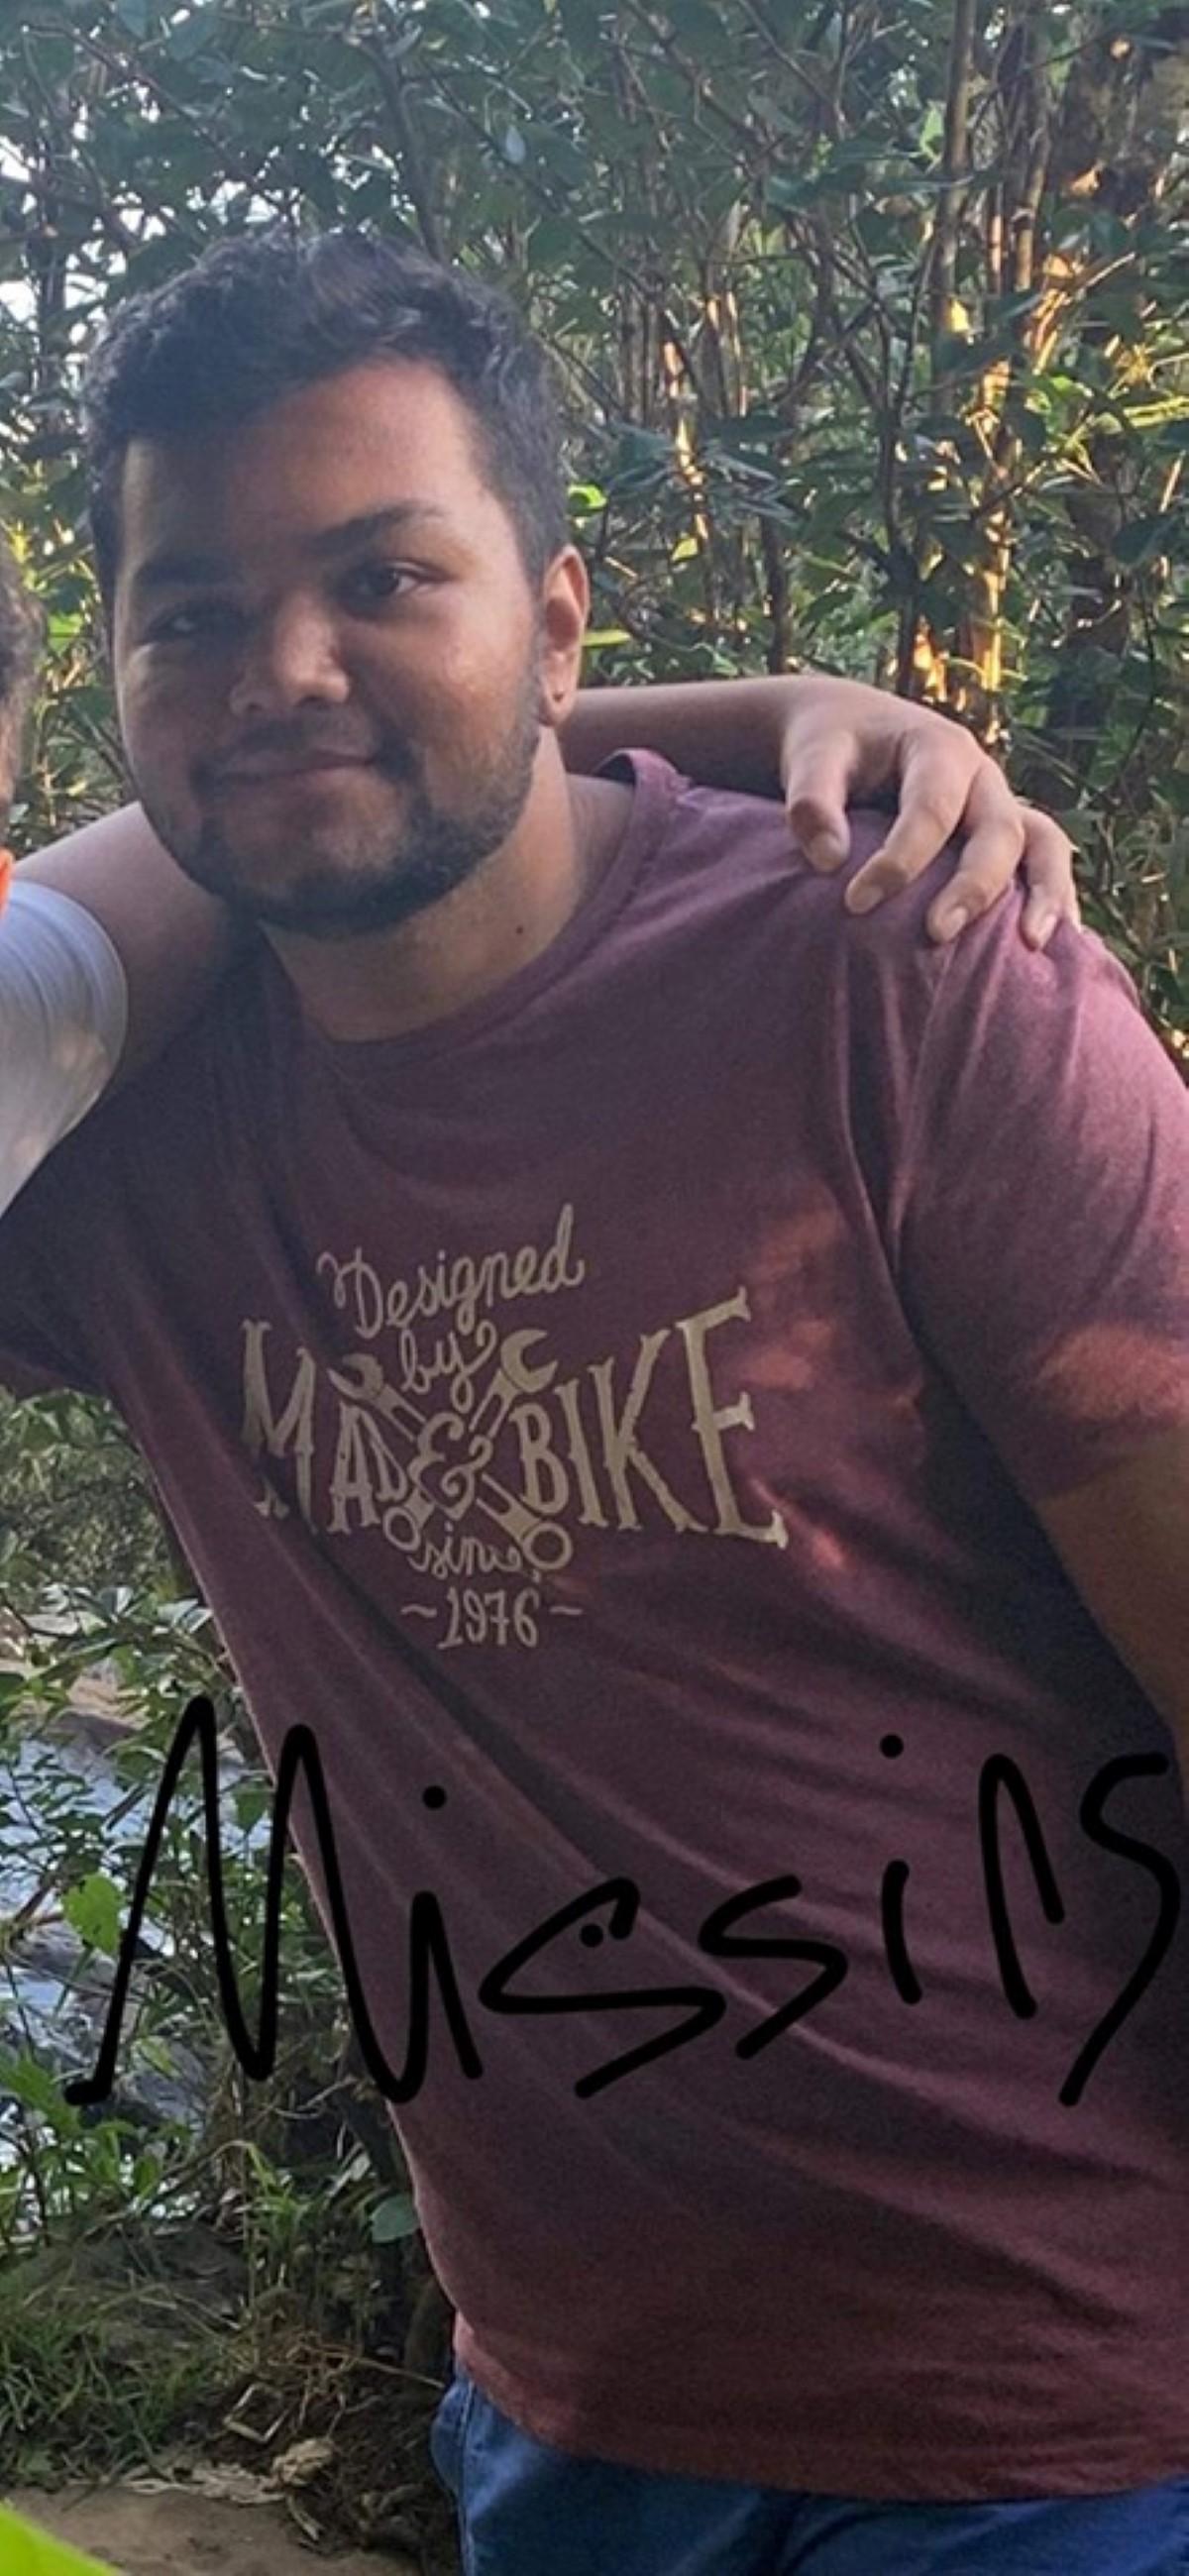 Appel à témoins : Disparition inquiétante de Adish Beeharry